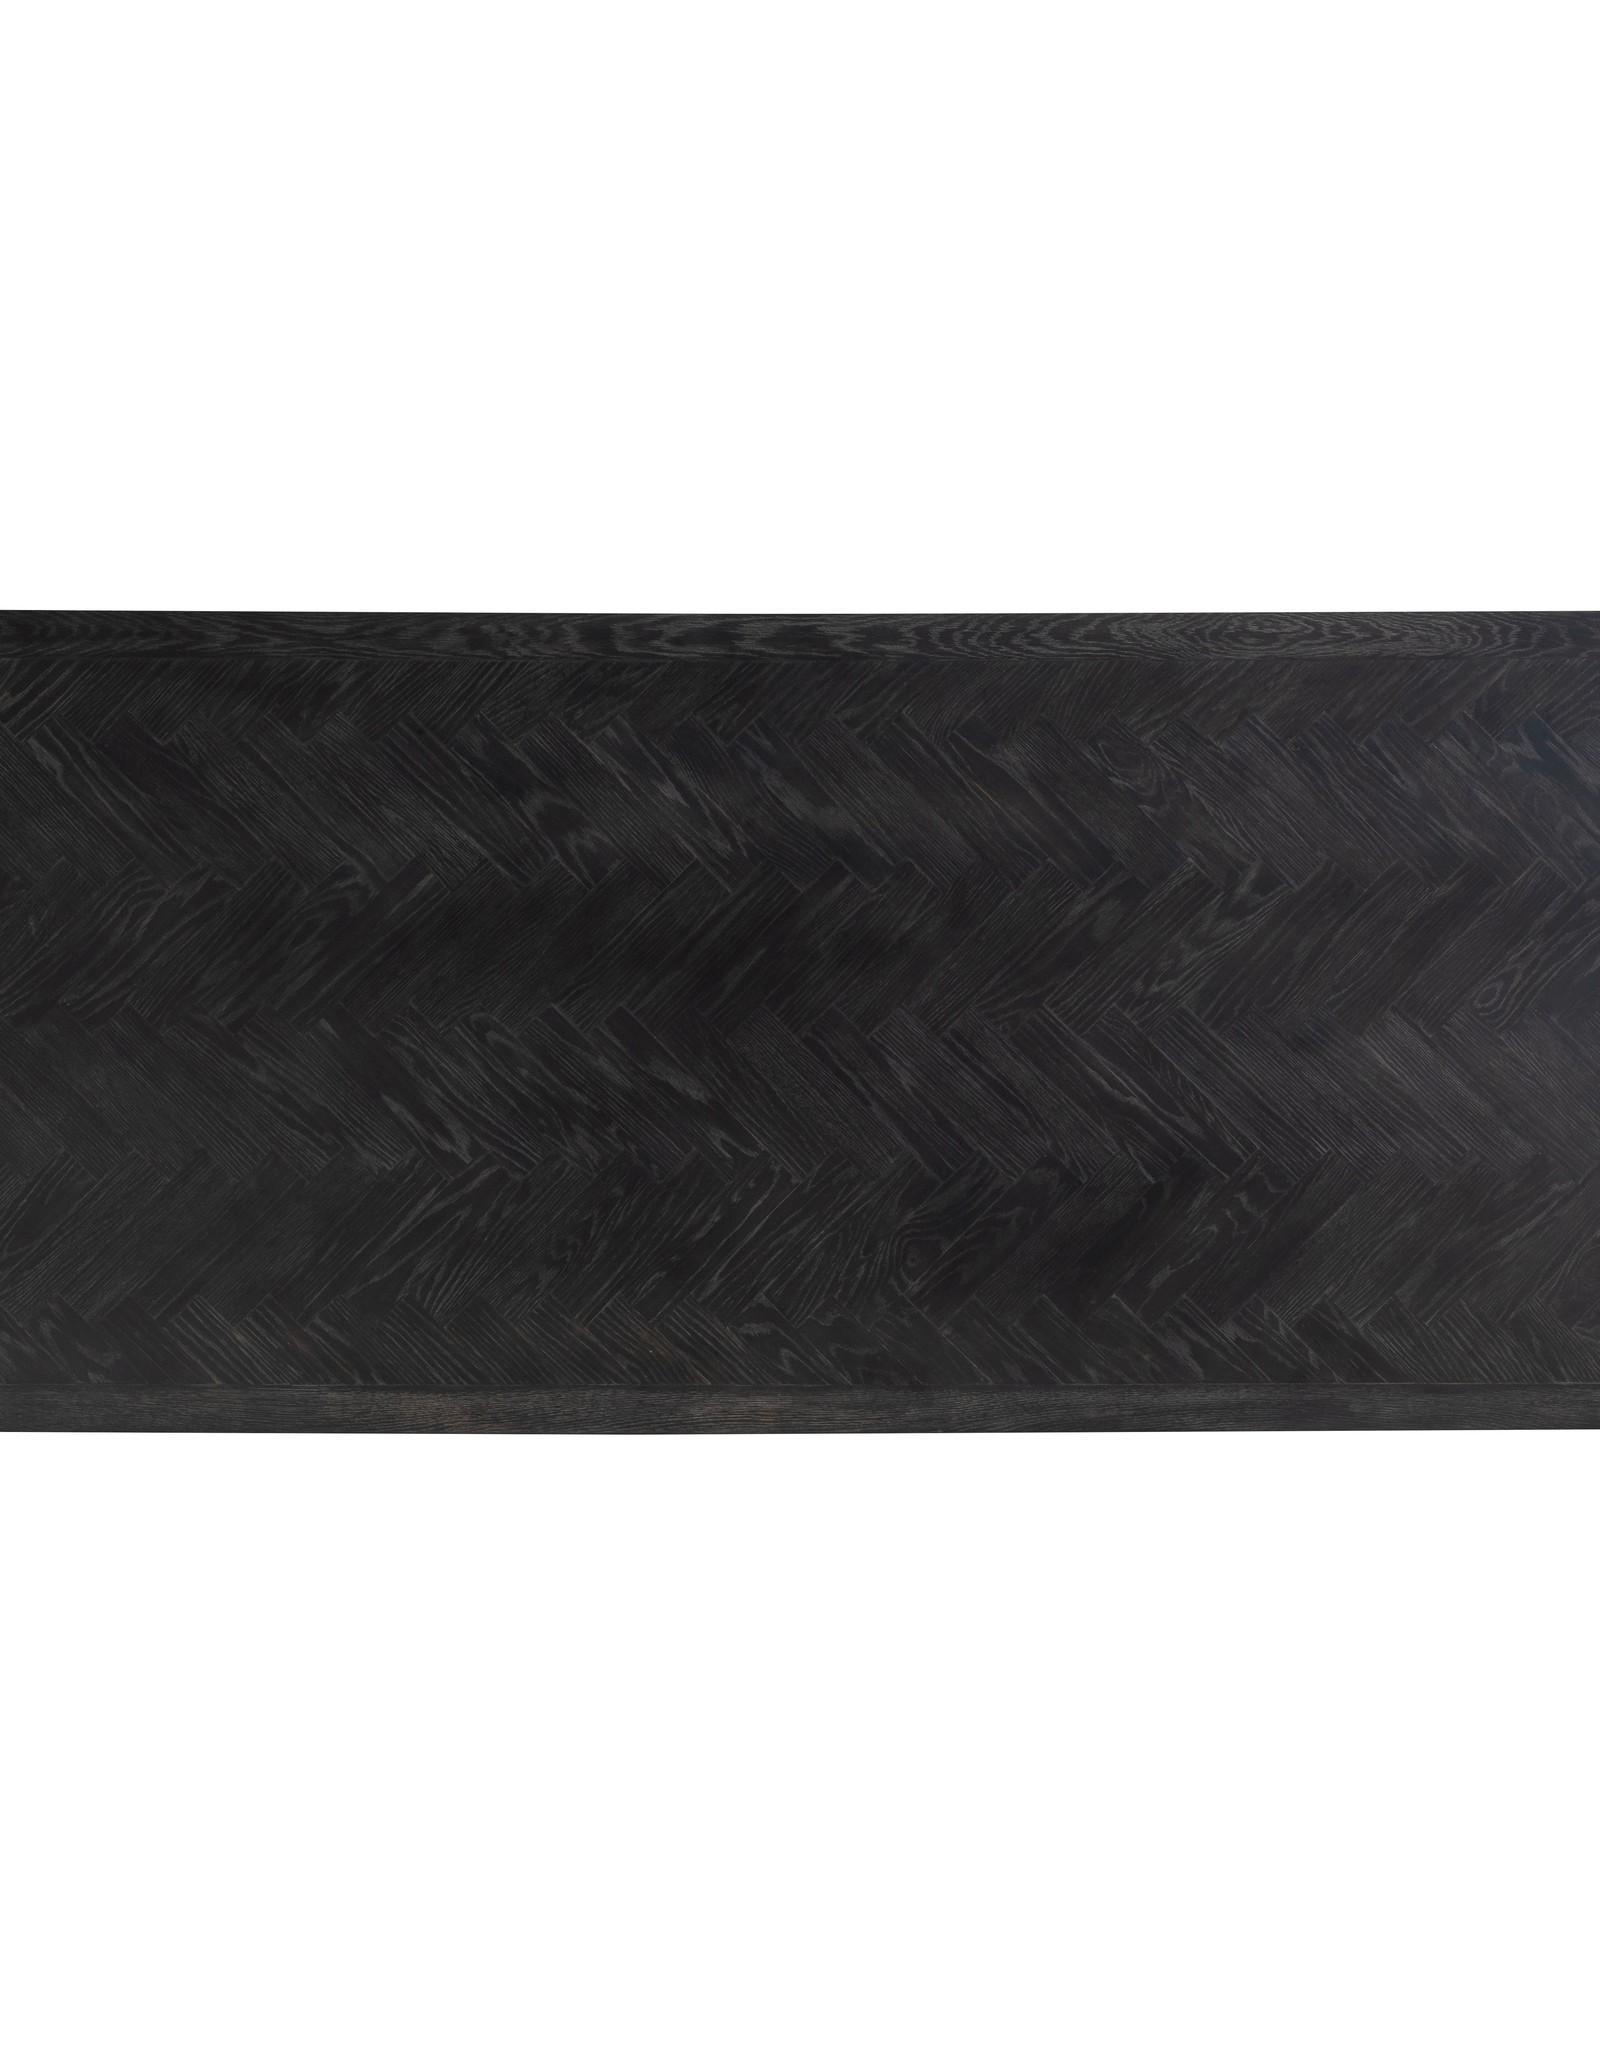 Richmond Interiors Eettafel Blackbone Matrix gold 200x100